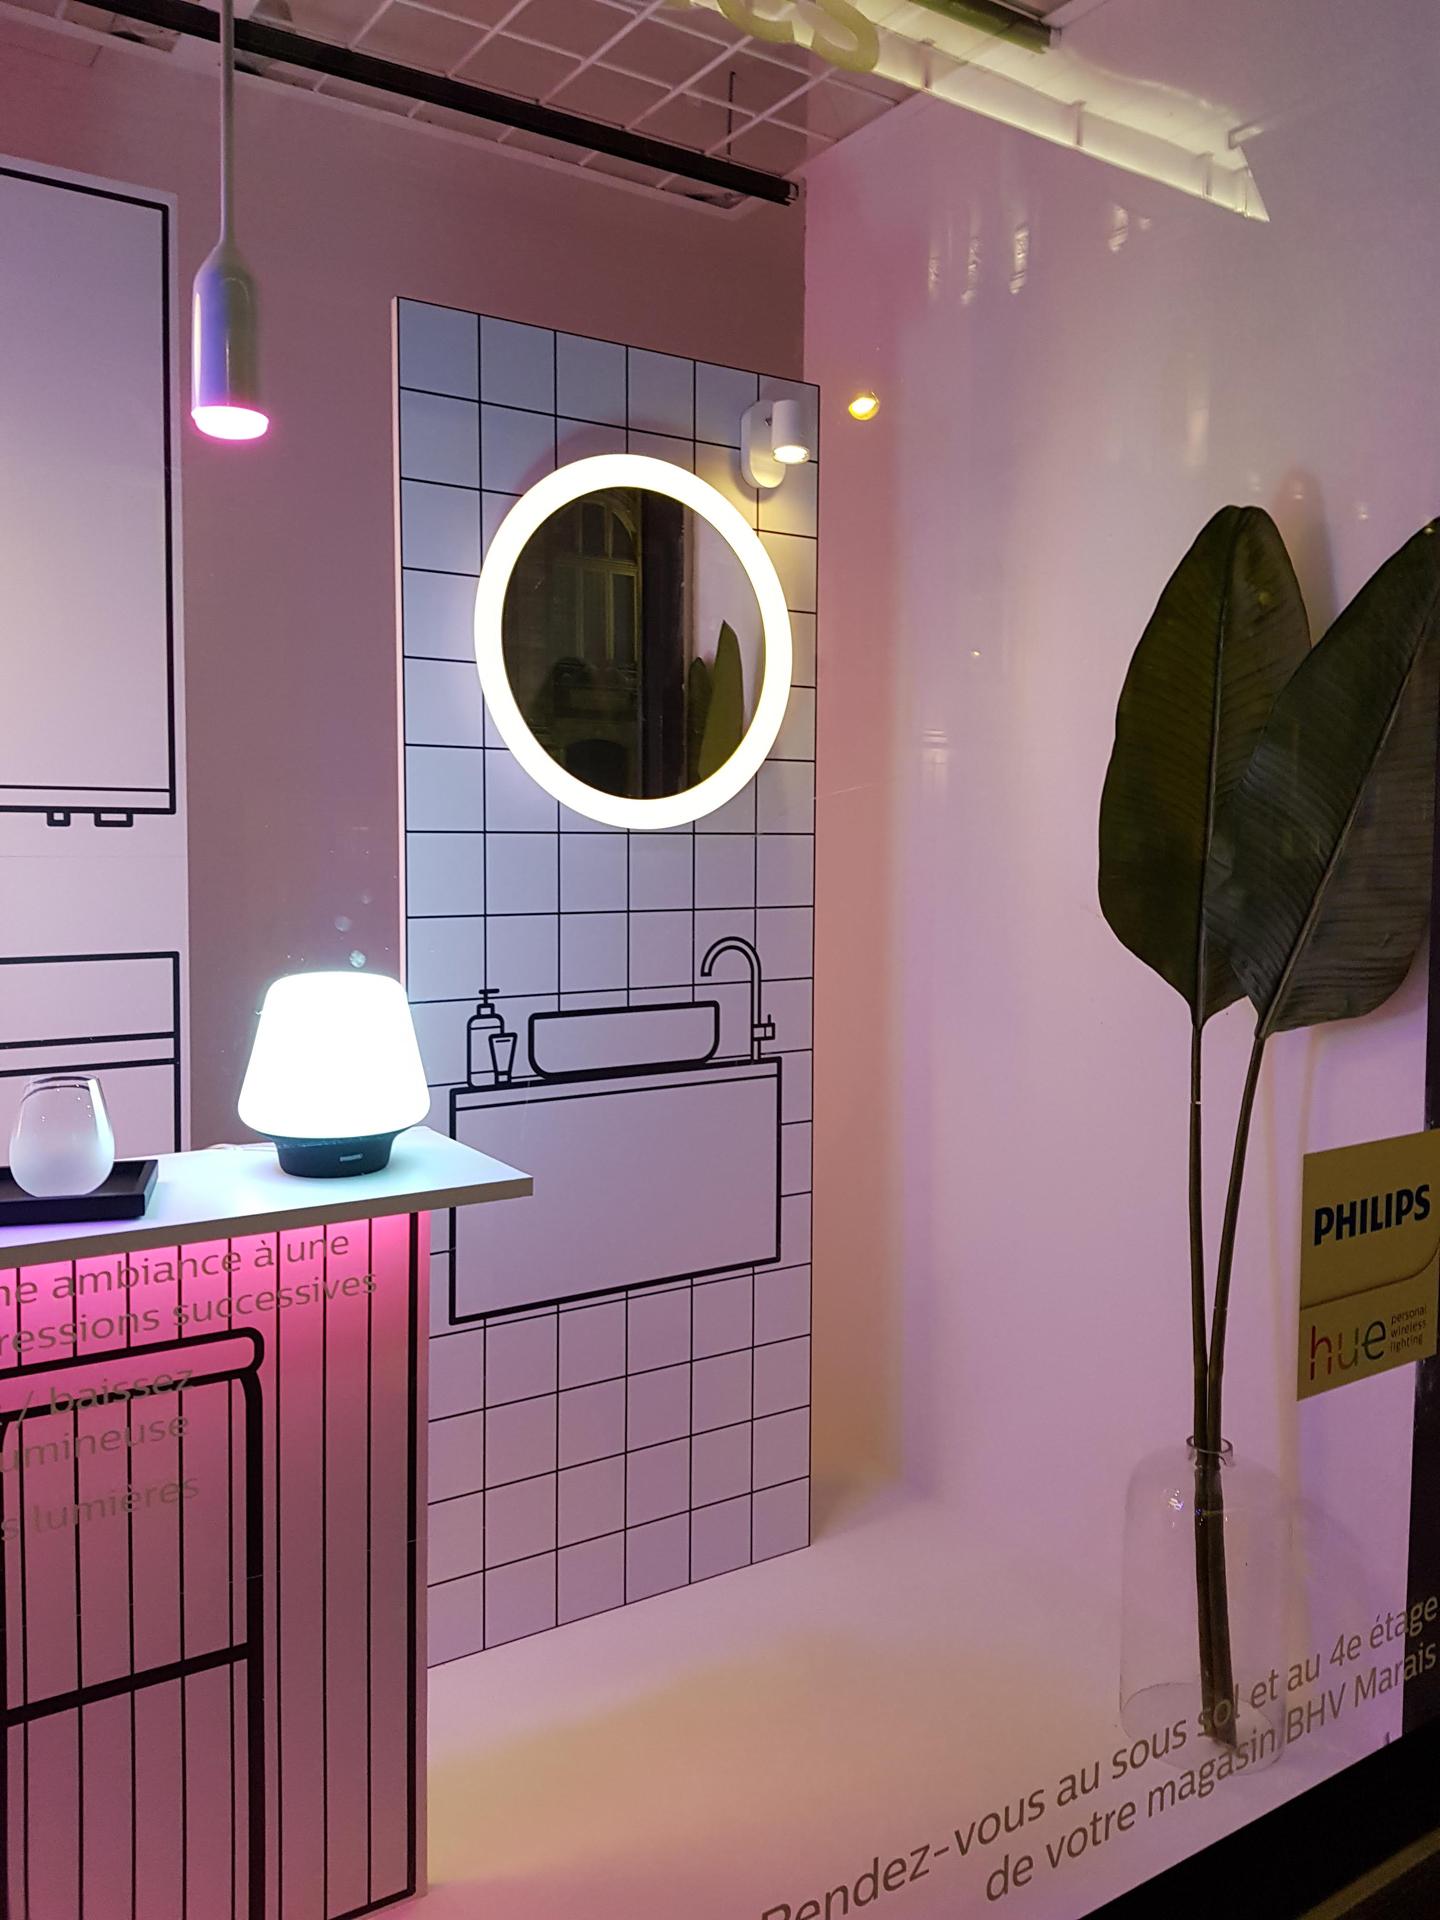 Aménagement d'une vitrine interactive et tactile pour la mise en avant de la gamme de produits d'éclairage connectées PHILIPS HUE.